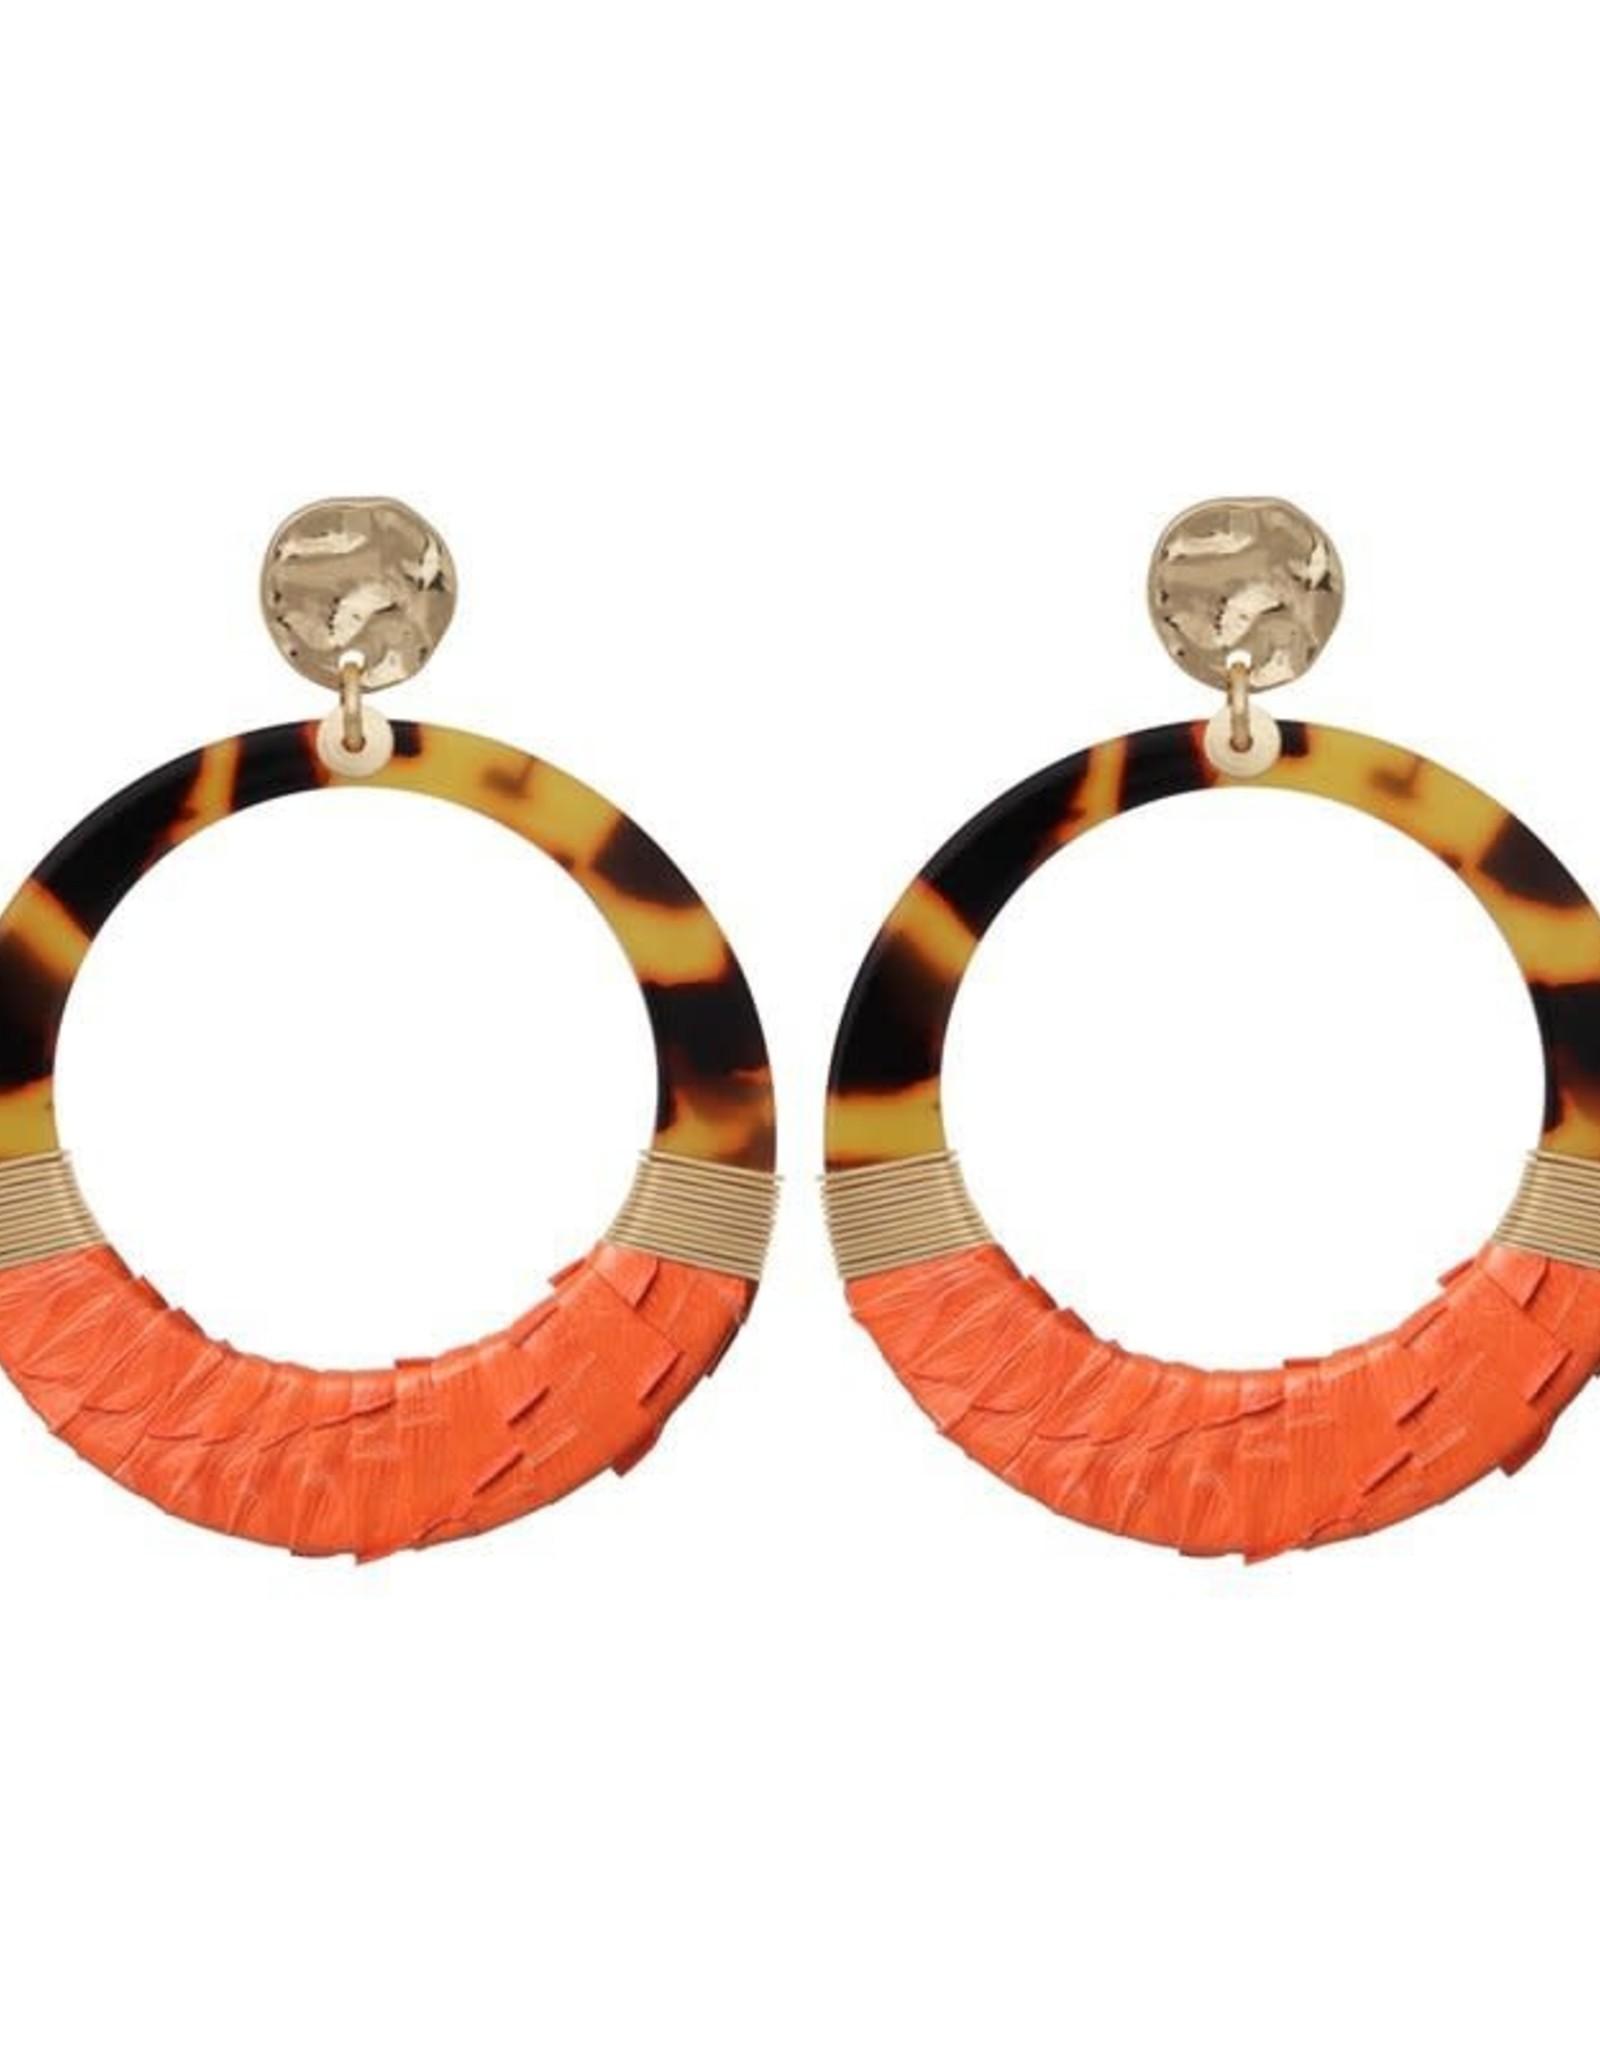 Biba Biba oorbel open 2 kleurig oranje